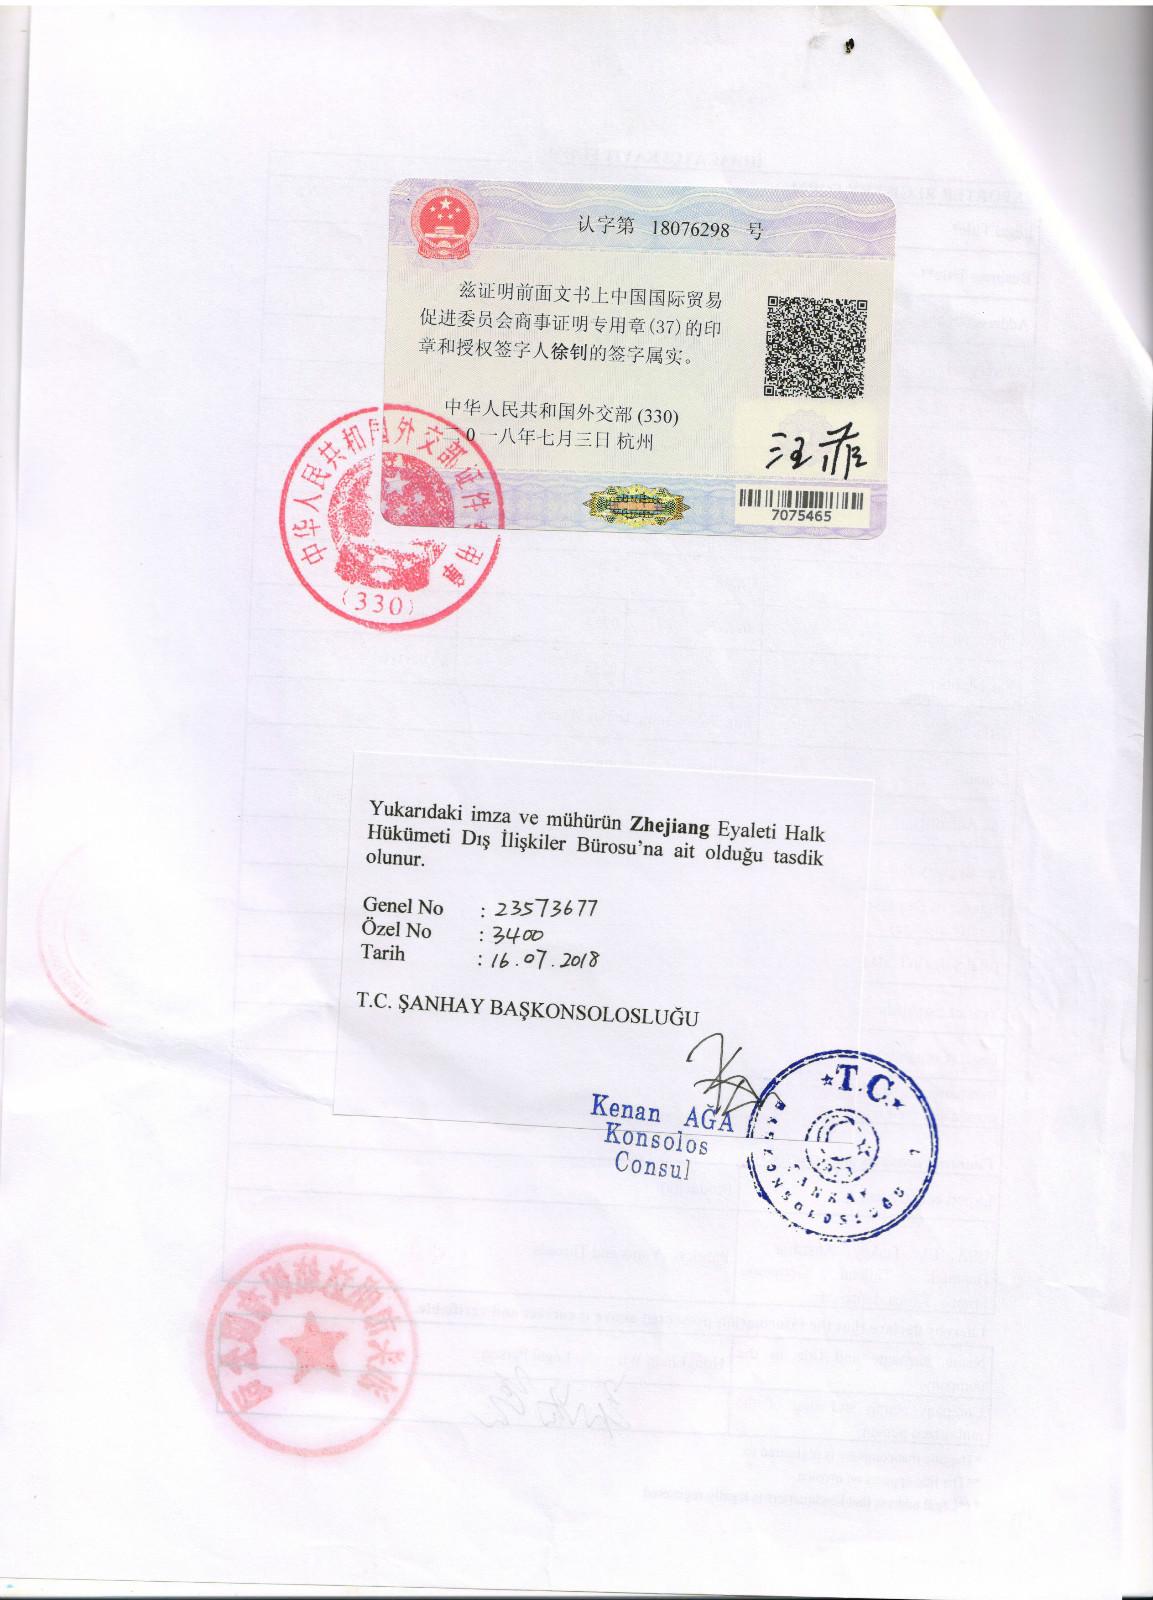 土耳其大使馆认证